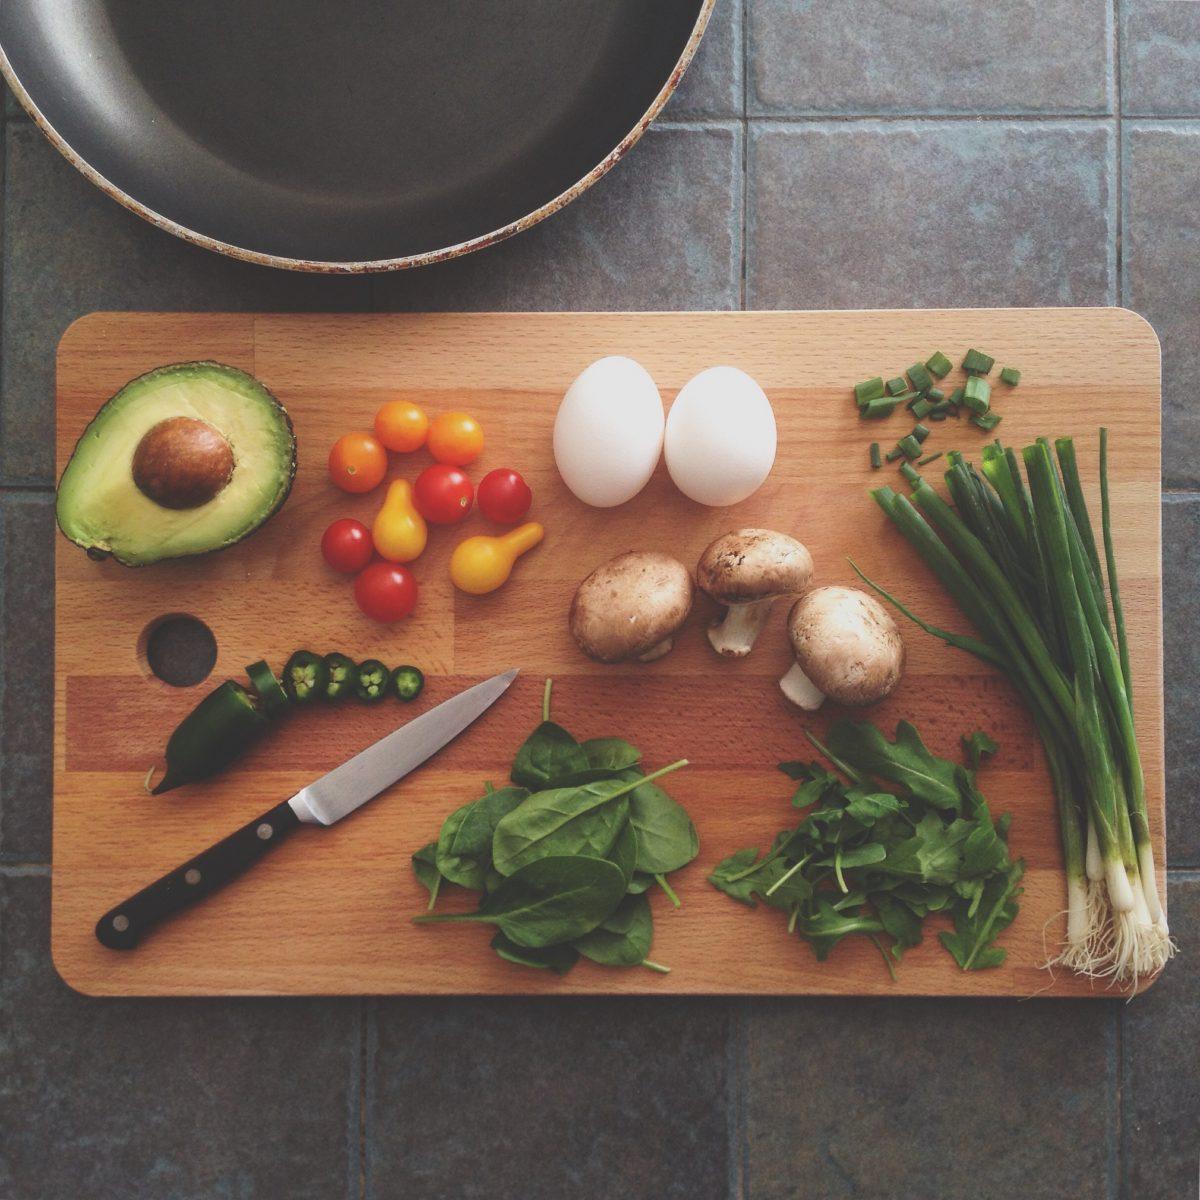 5 dicas para reduzir o lixo e ganhar sabores na cozinha